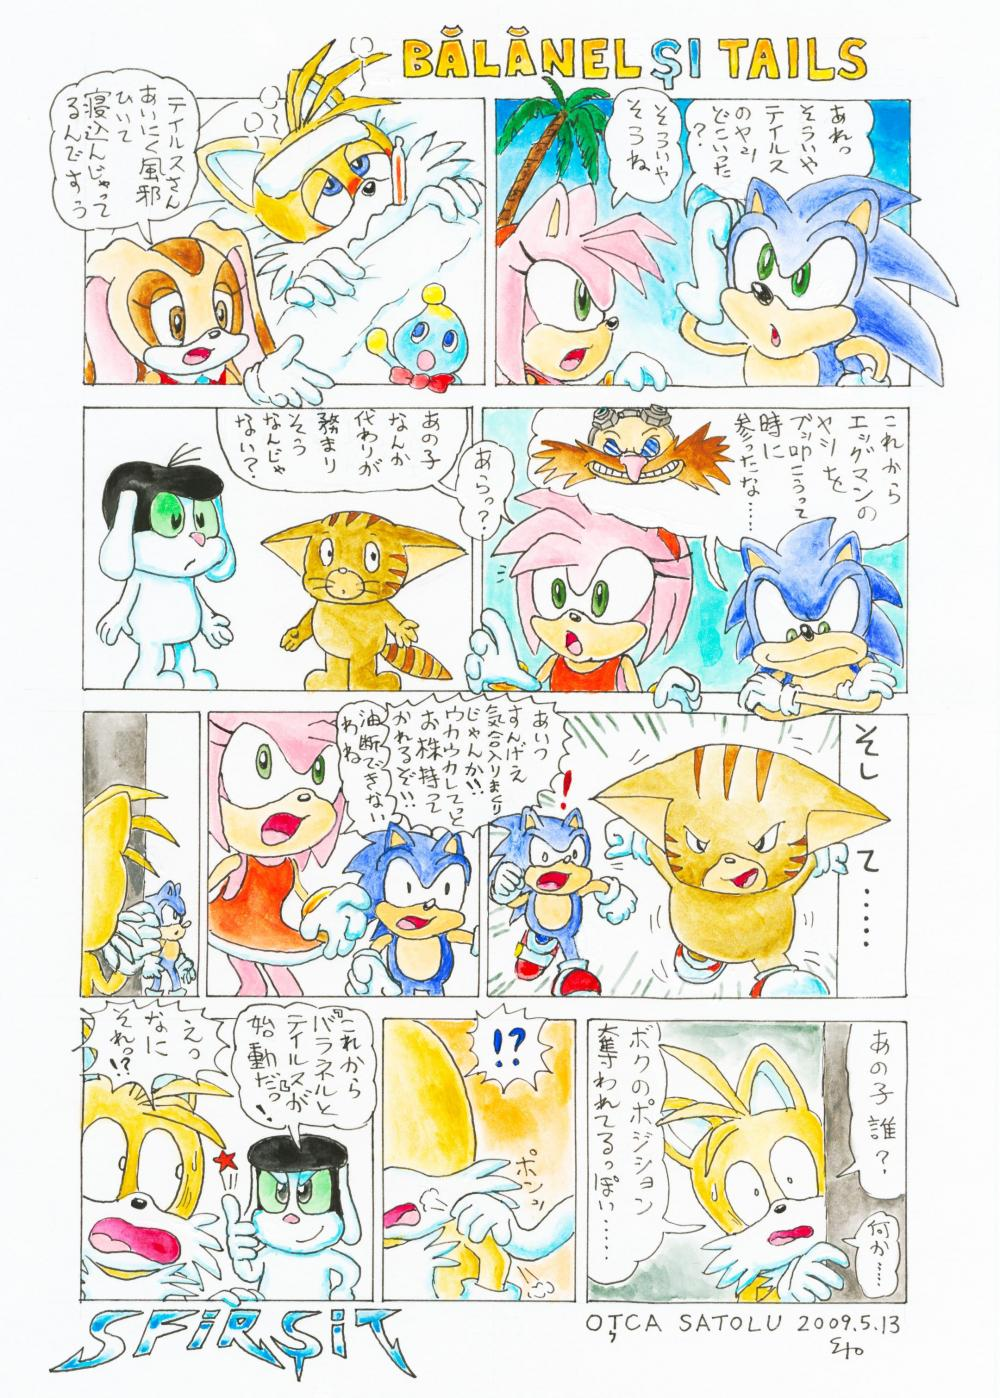 バラネルとテイルス 2009/5/13